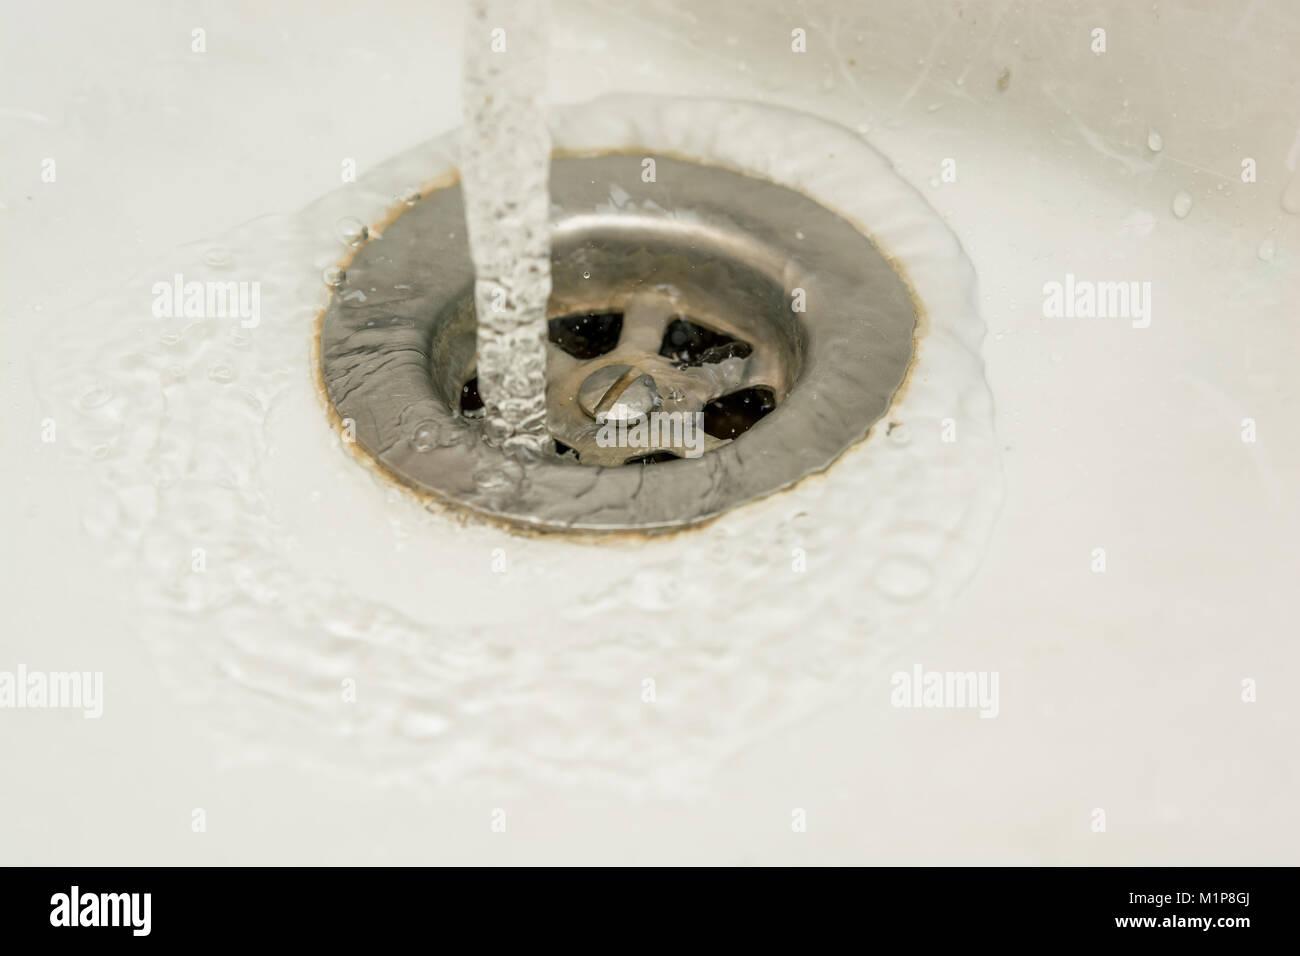 Scarico Della Vasca Da Bagno In Inglese : Acciaio inossidabile svuotamento della vasca da bagno foto